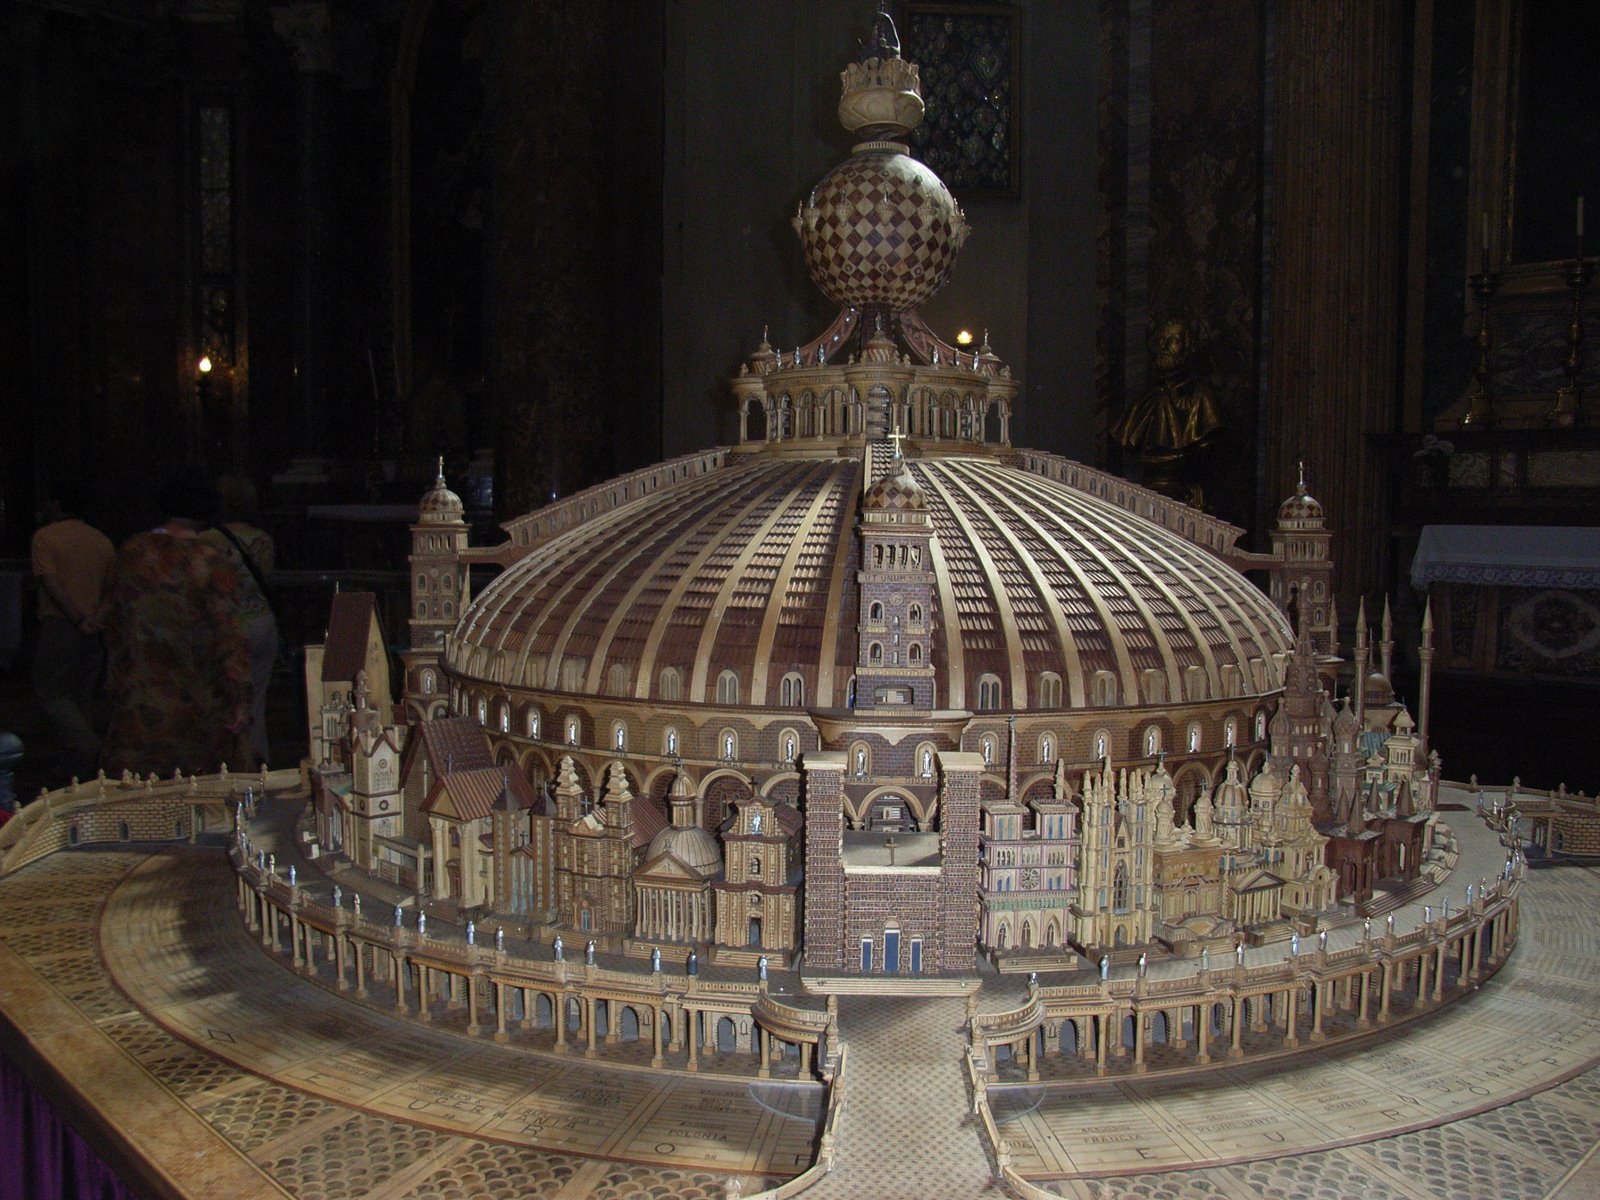 EL TEMPLO DE LA FUTURA RELIGIÓN MUNDIAL SATANICA DE LOS JESUITAS! Italia-Andrea%2B080